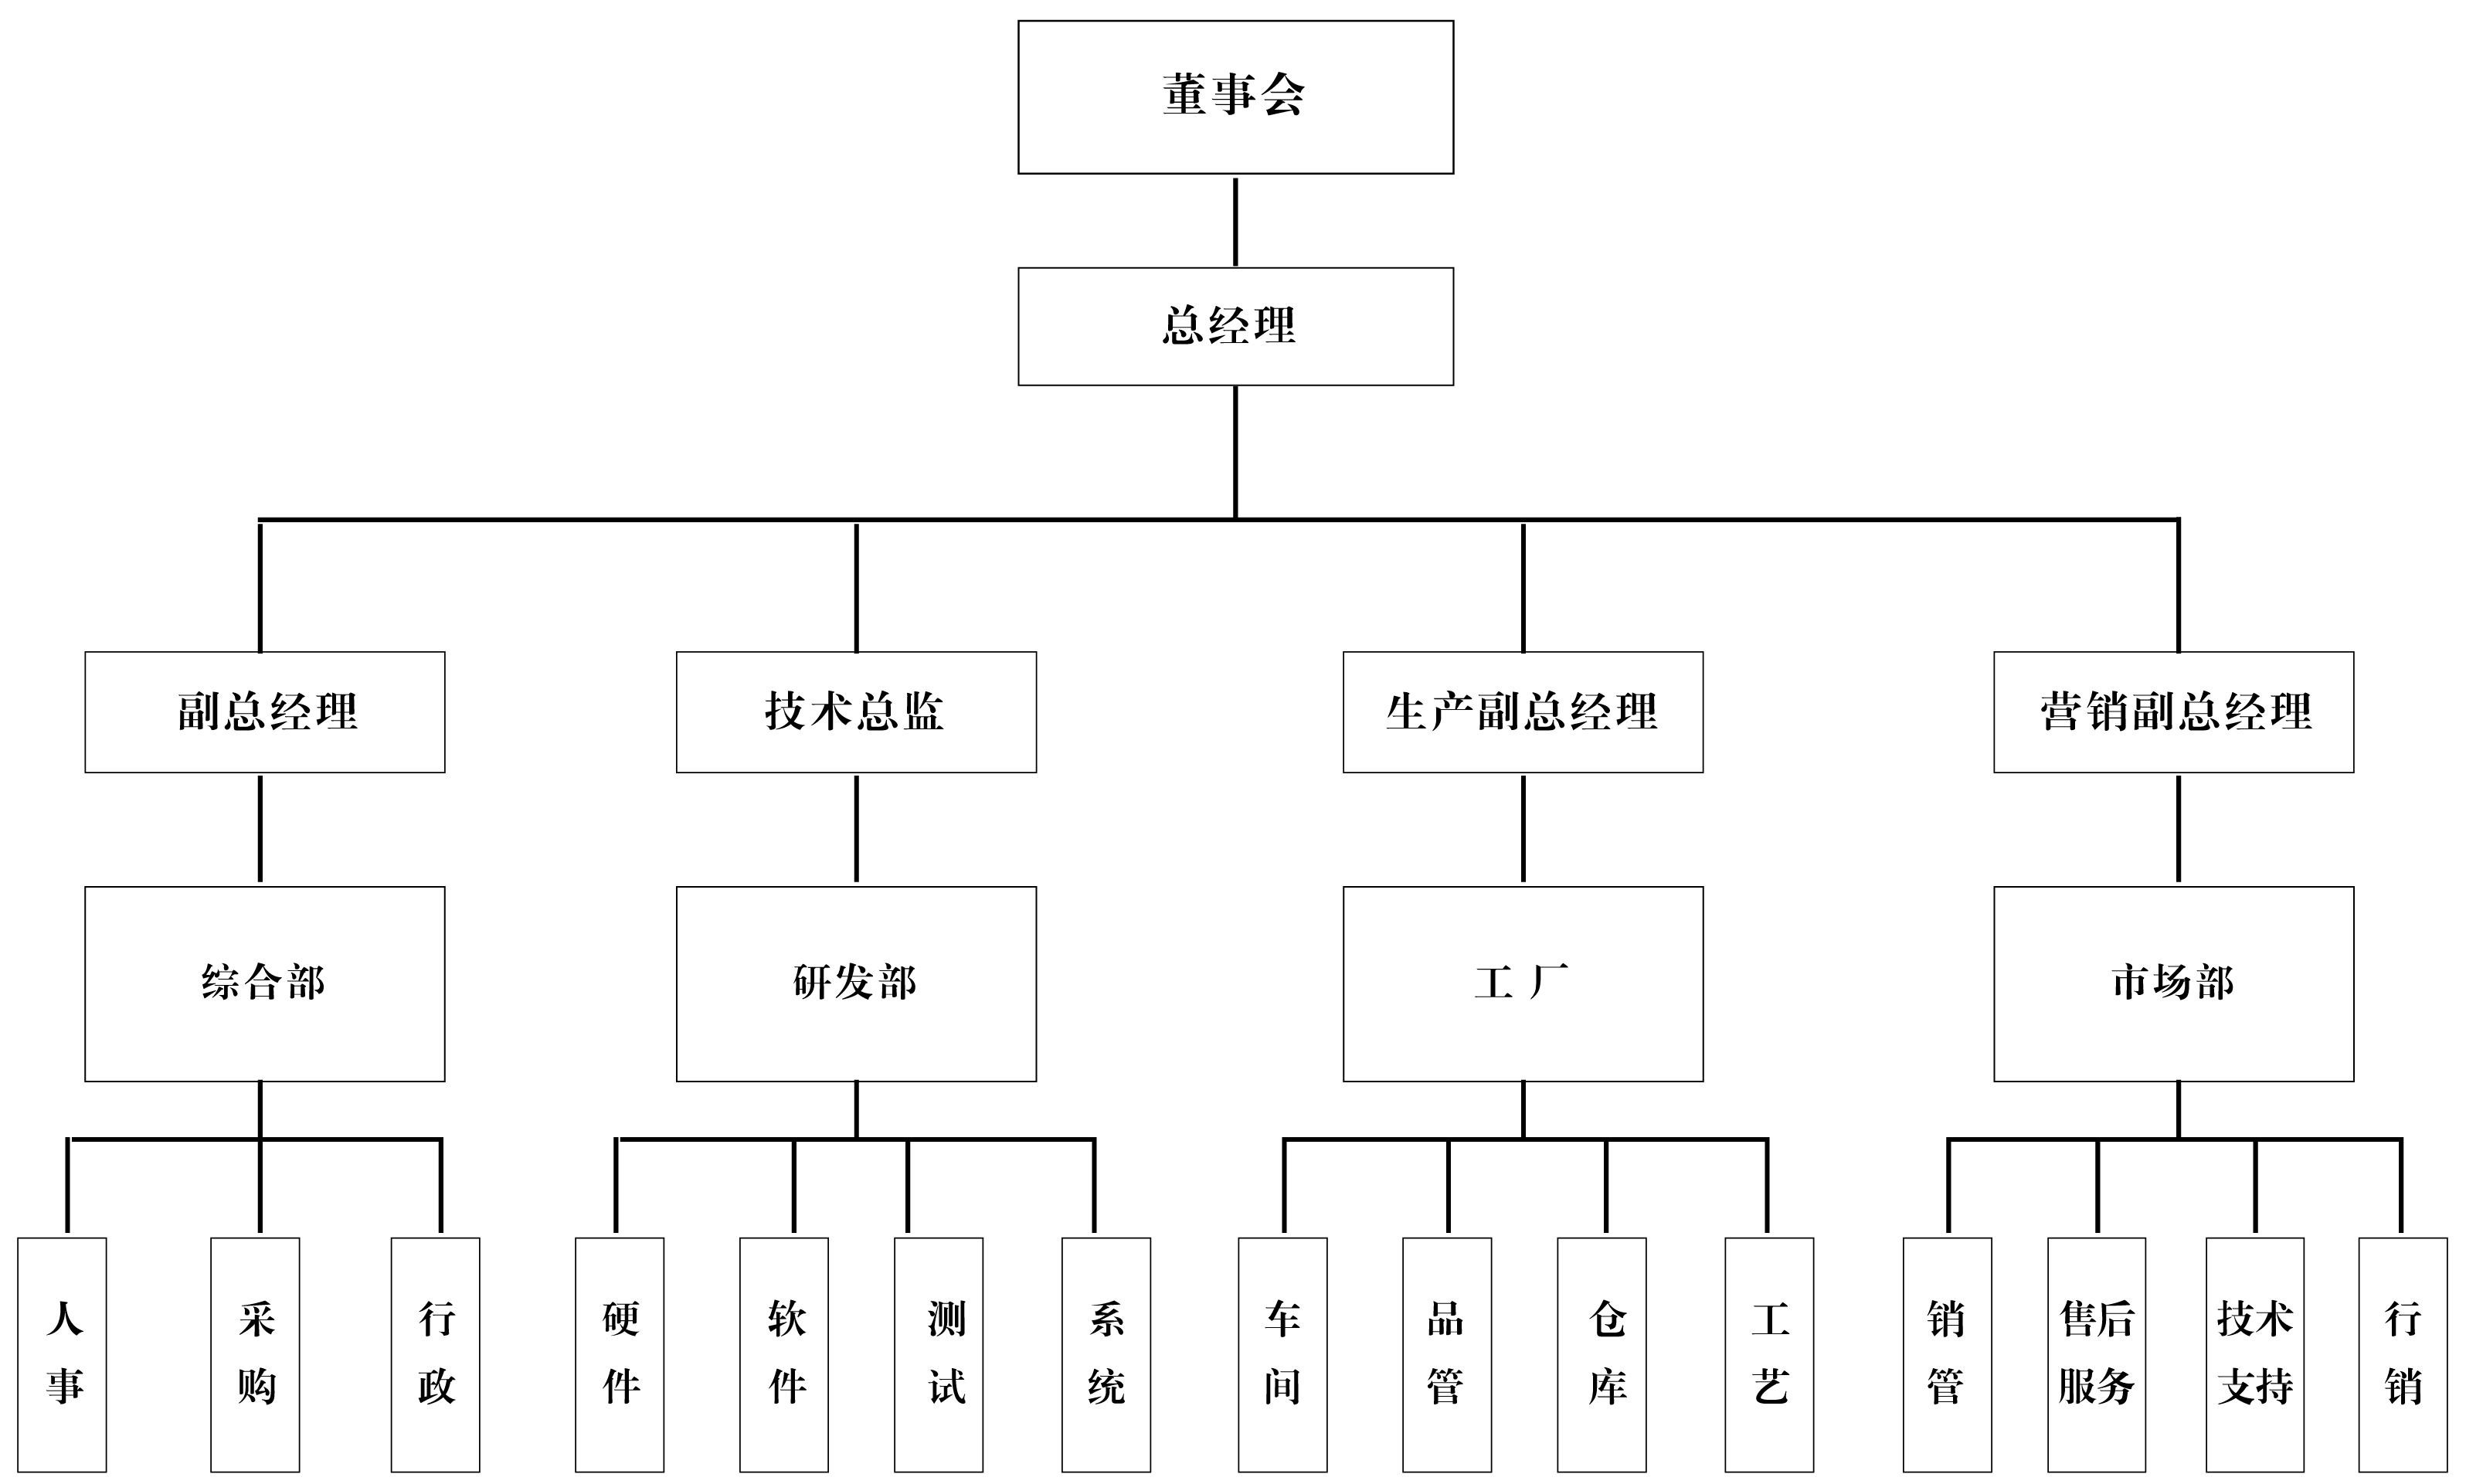 麦希公司组织架构标书